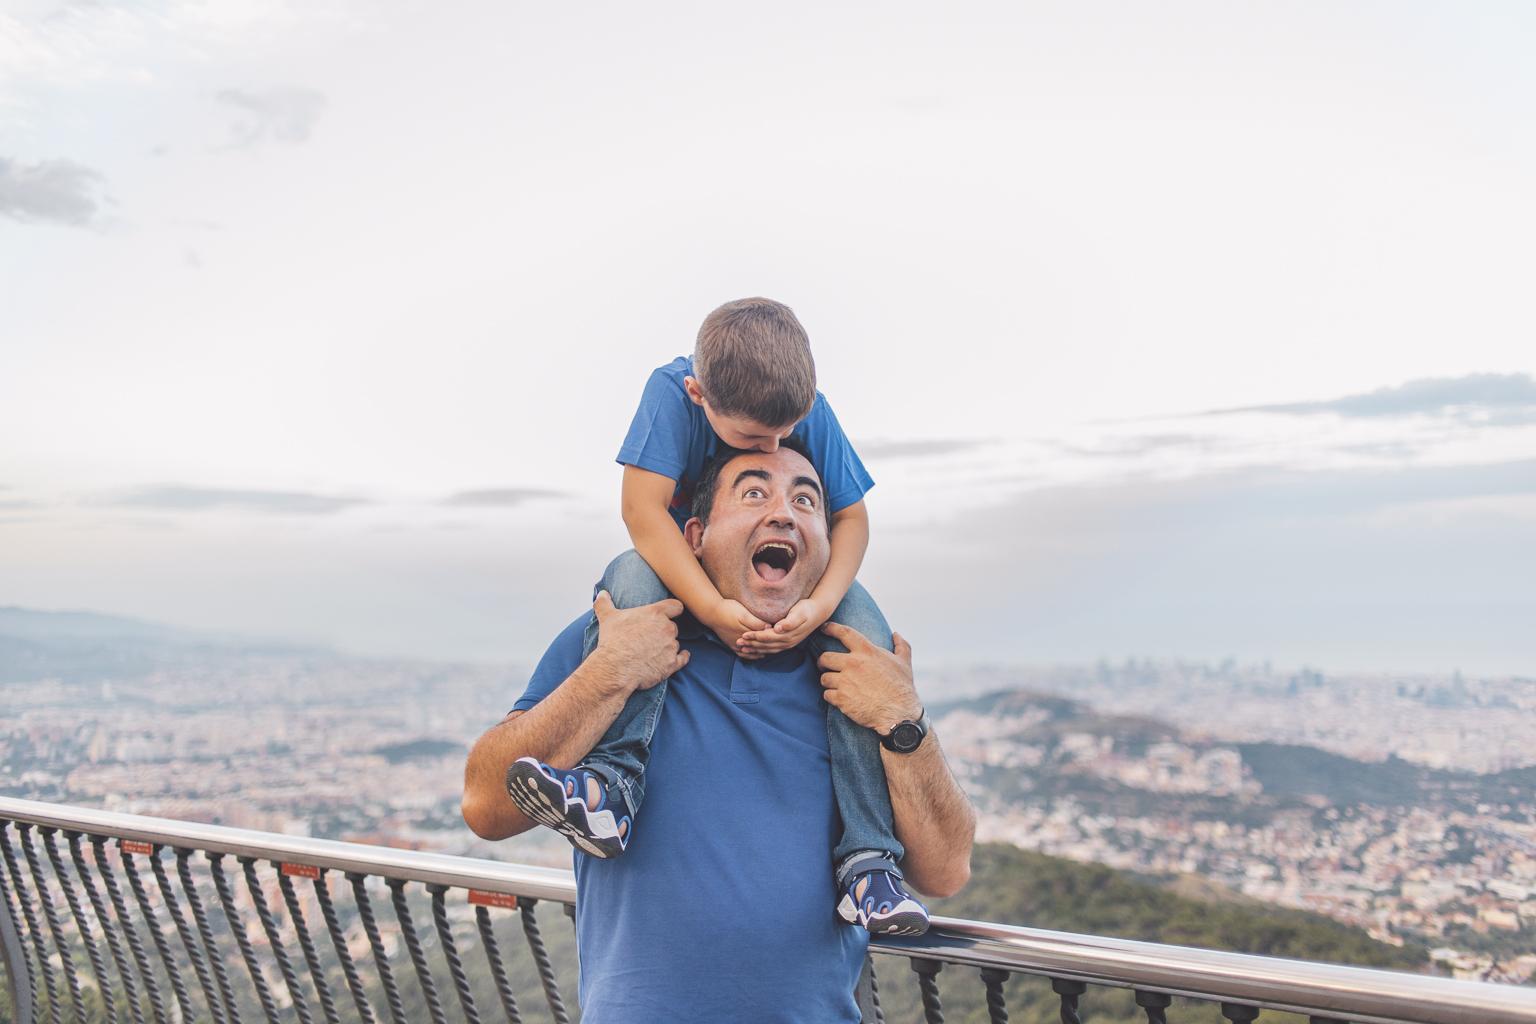 fotografo_familia_tibidabo-28